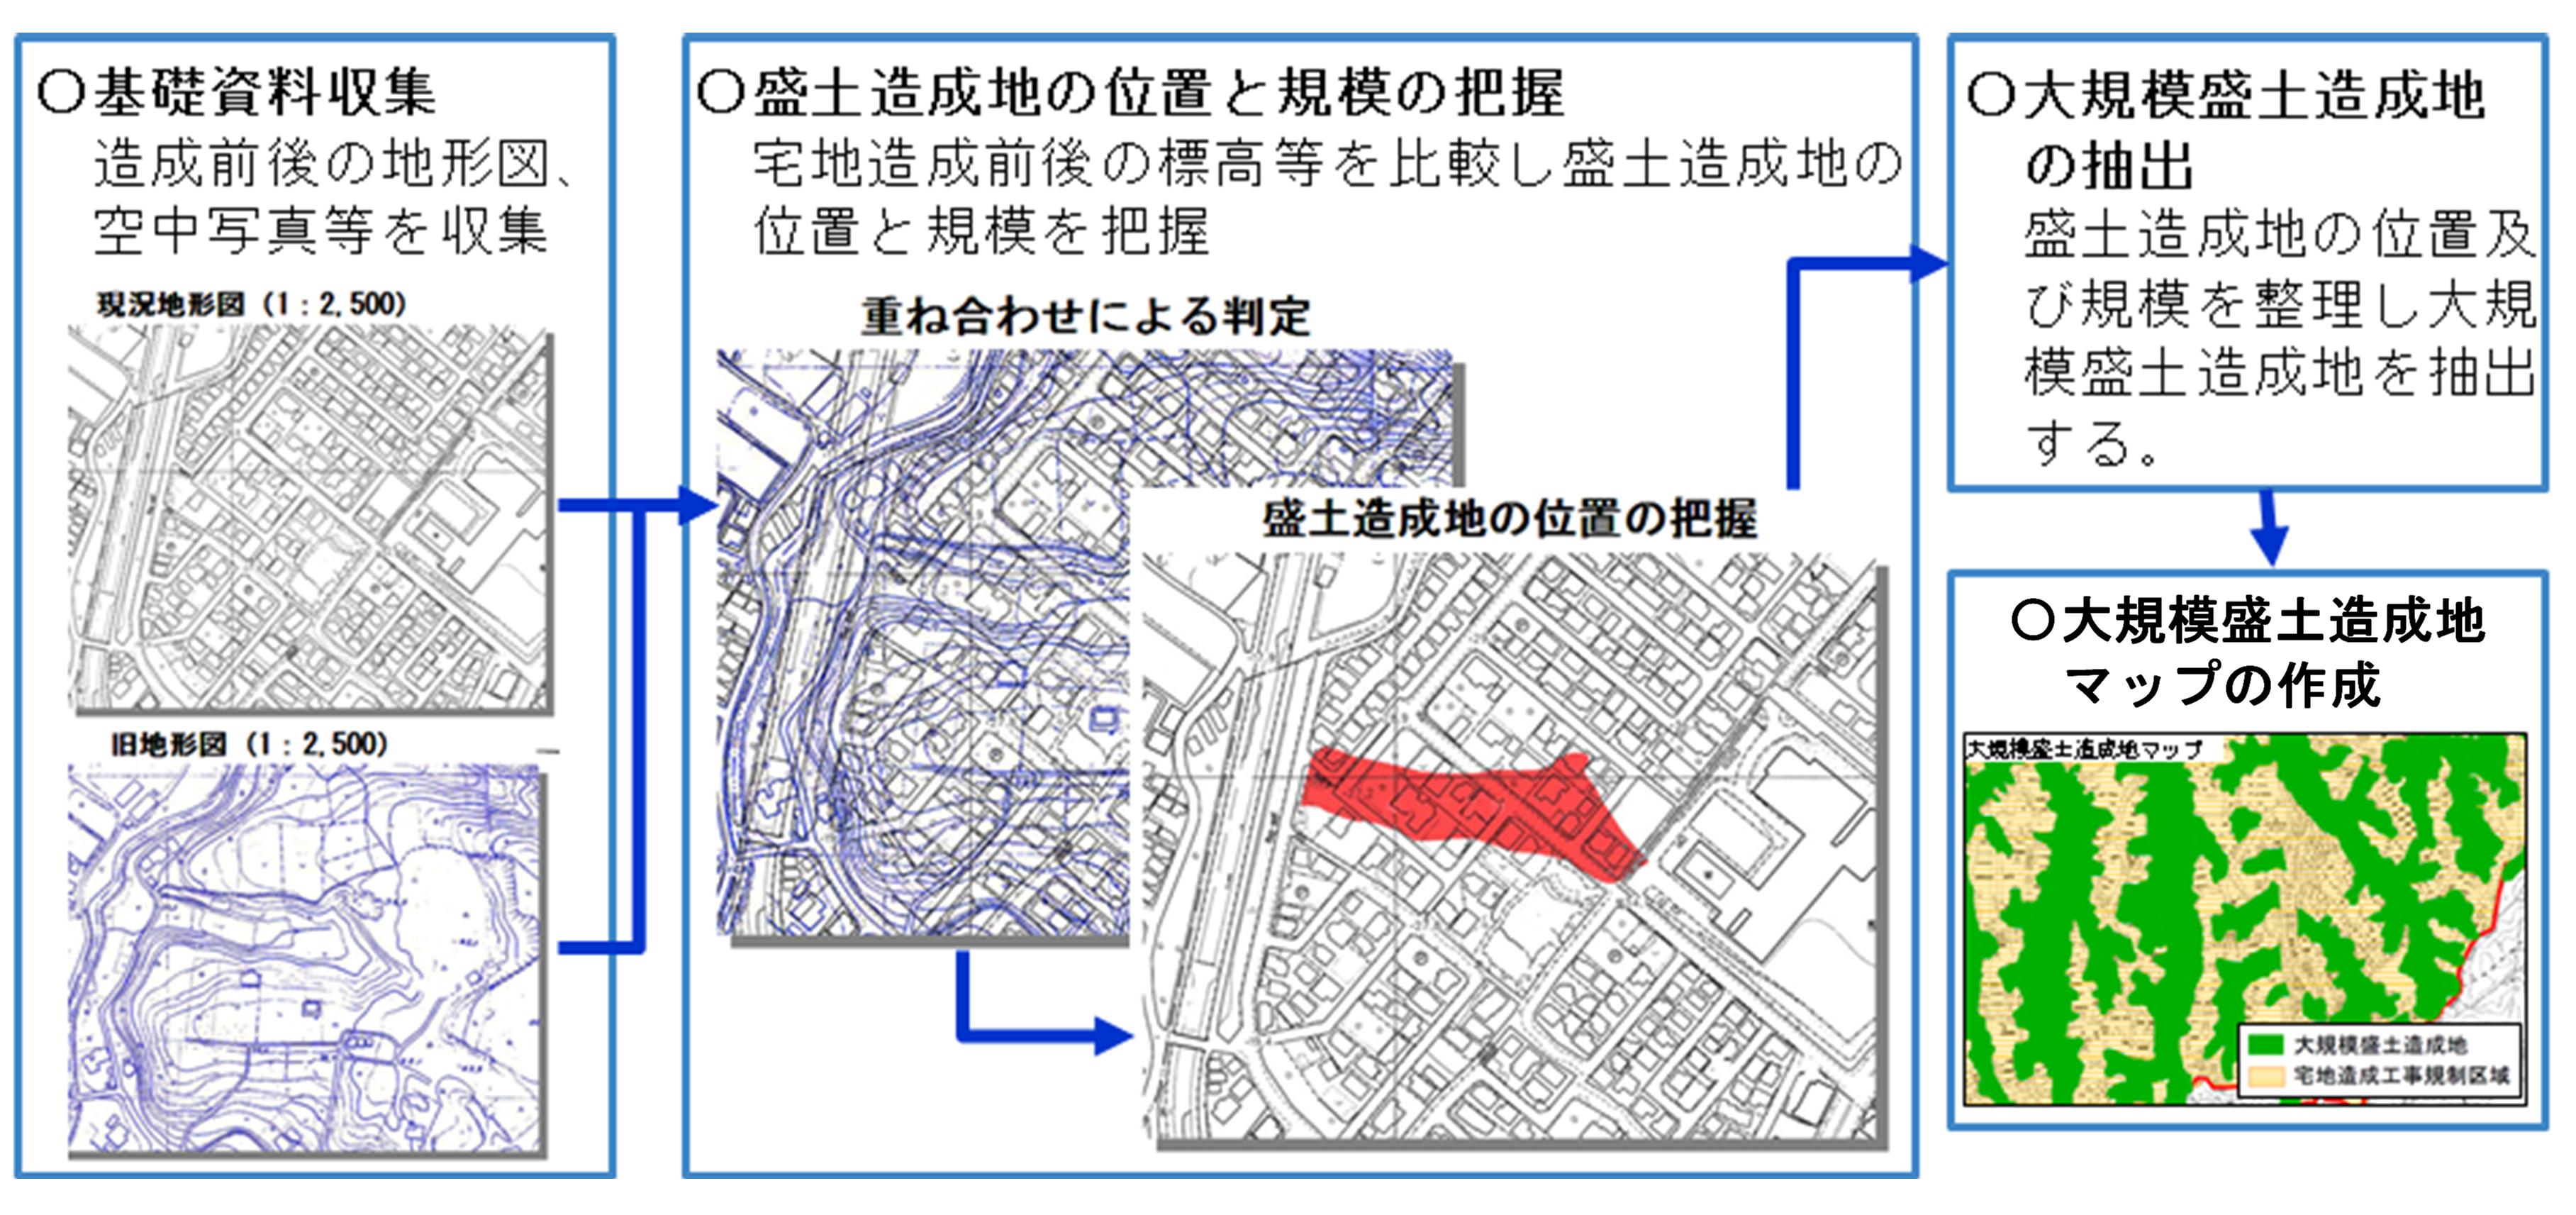 都市:大規模盛土造成地マップについて - 国土交通省